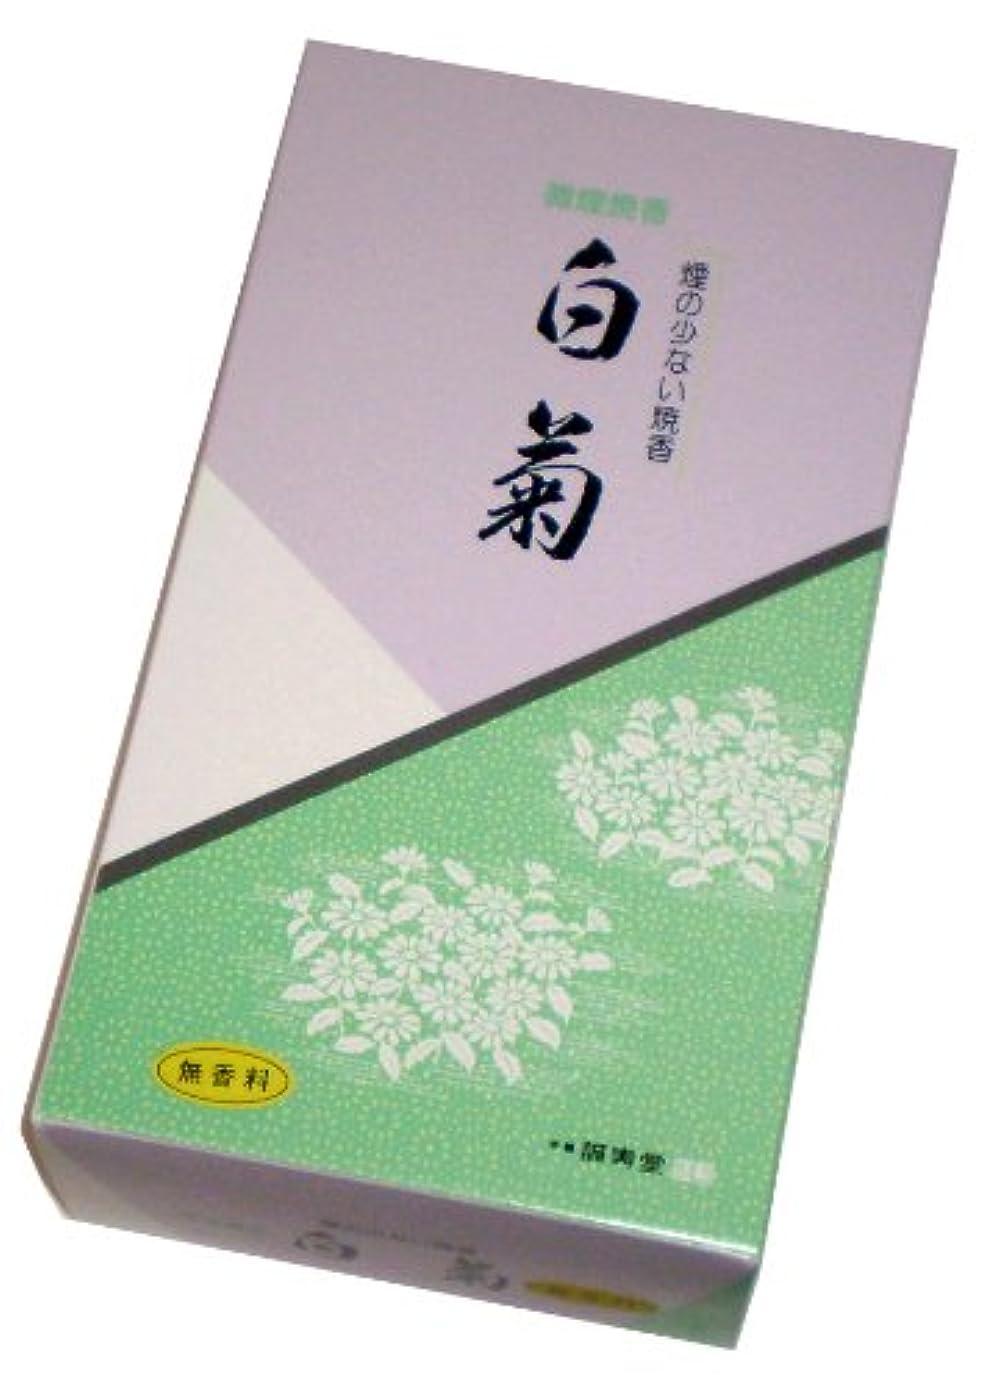 除去回転させる差別誠寿堂のお線香 微煙焼香 白菊(無香料)500g #FN21